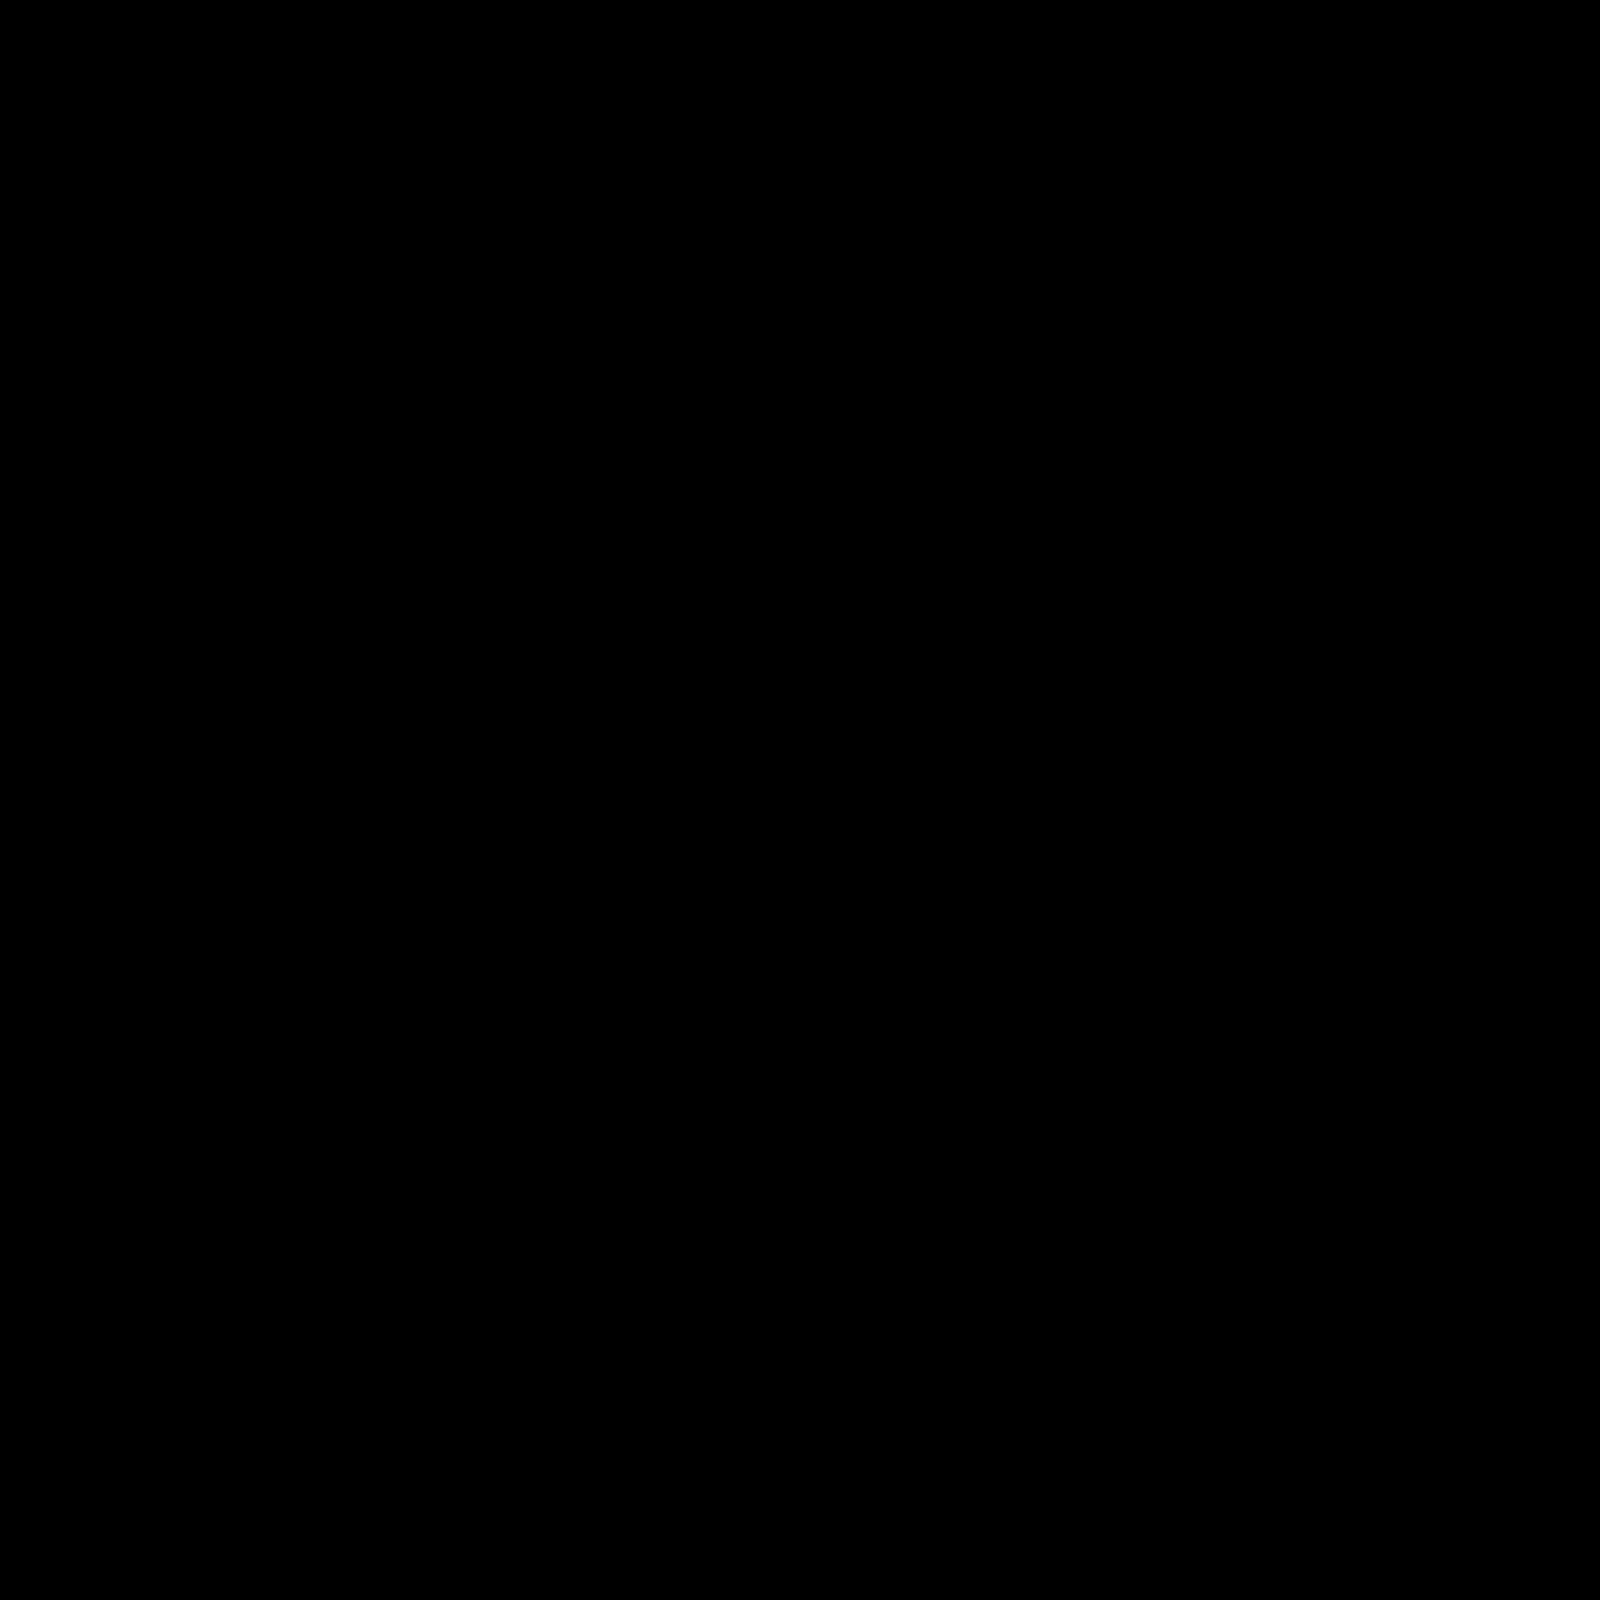 Carte de la République tchèque icon